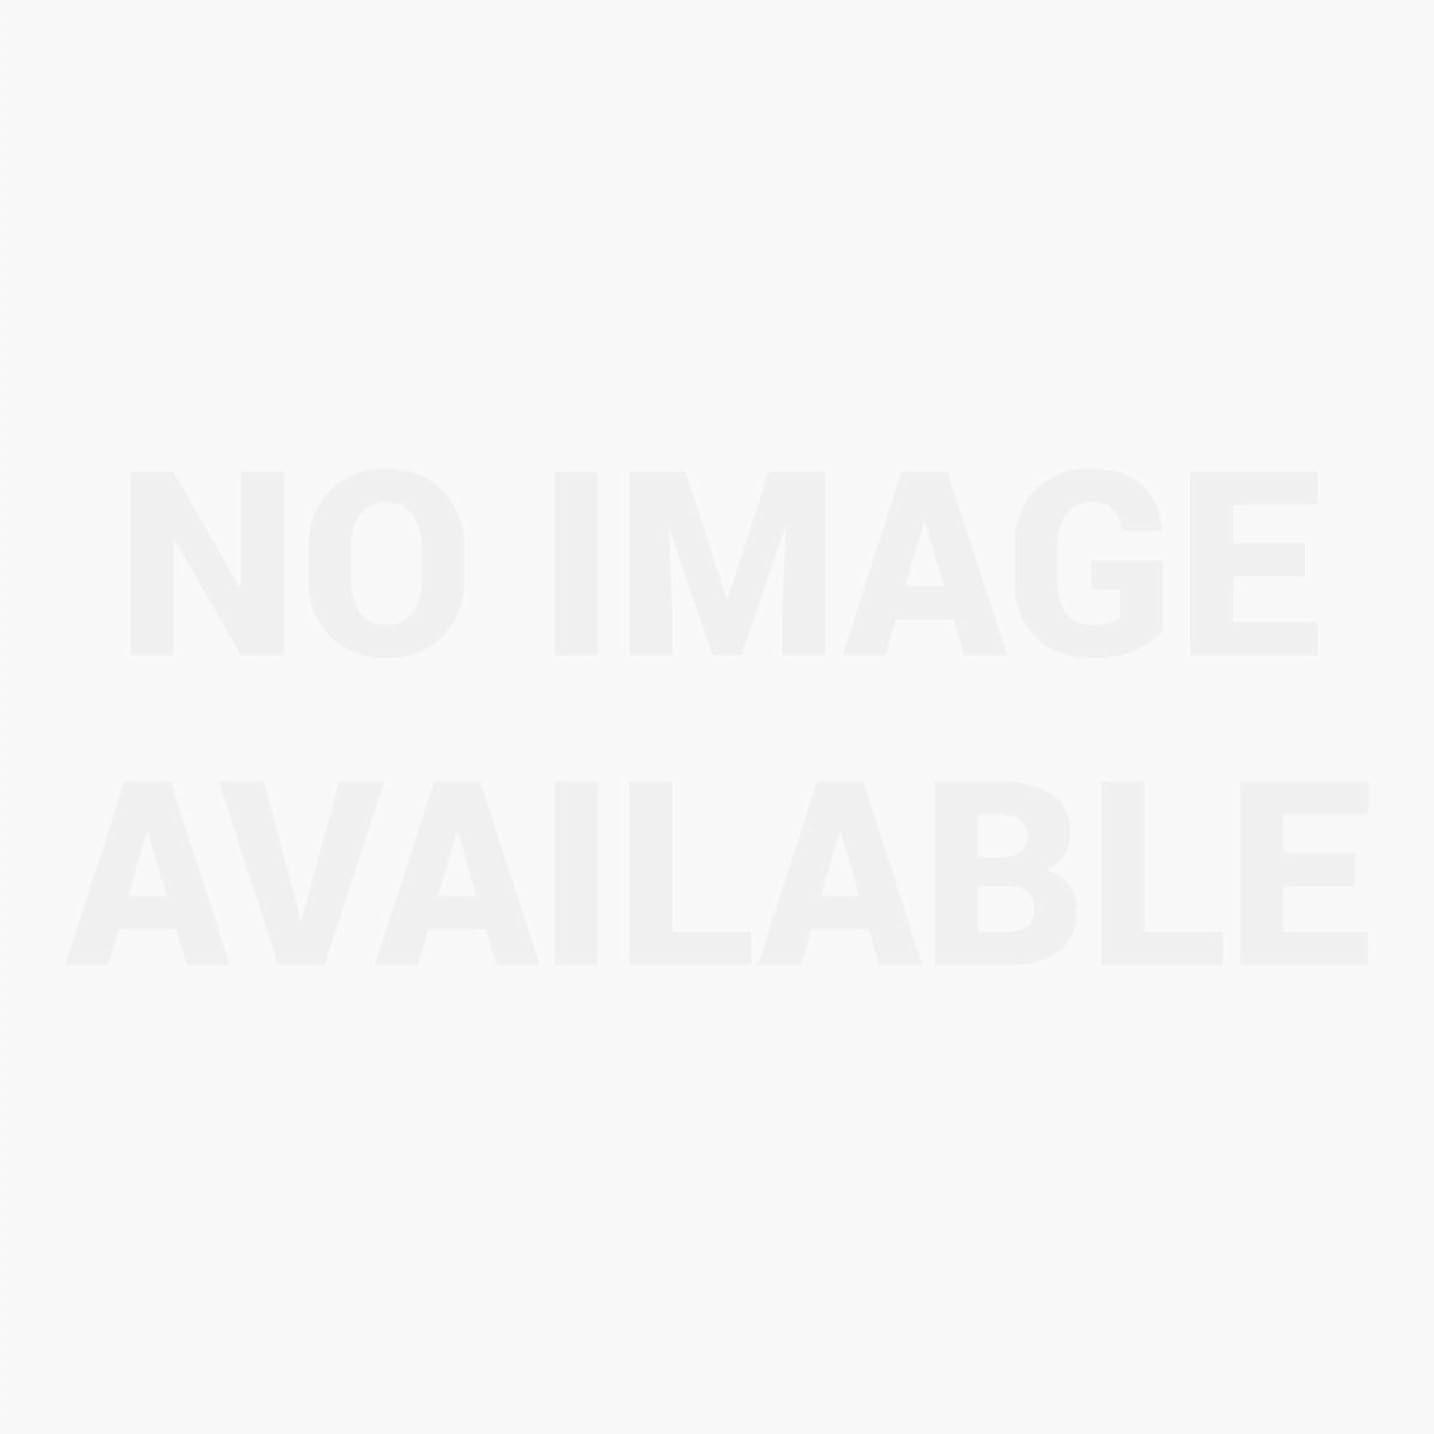 アジェンダ サロンコンセプト シザーセーフ 4ペアラウンド[海外直送品] [並行輸入品]